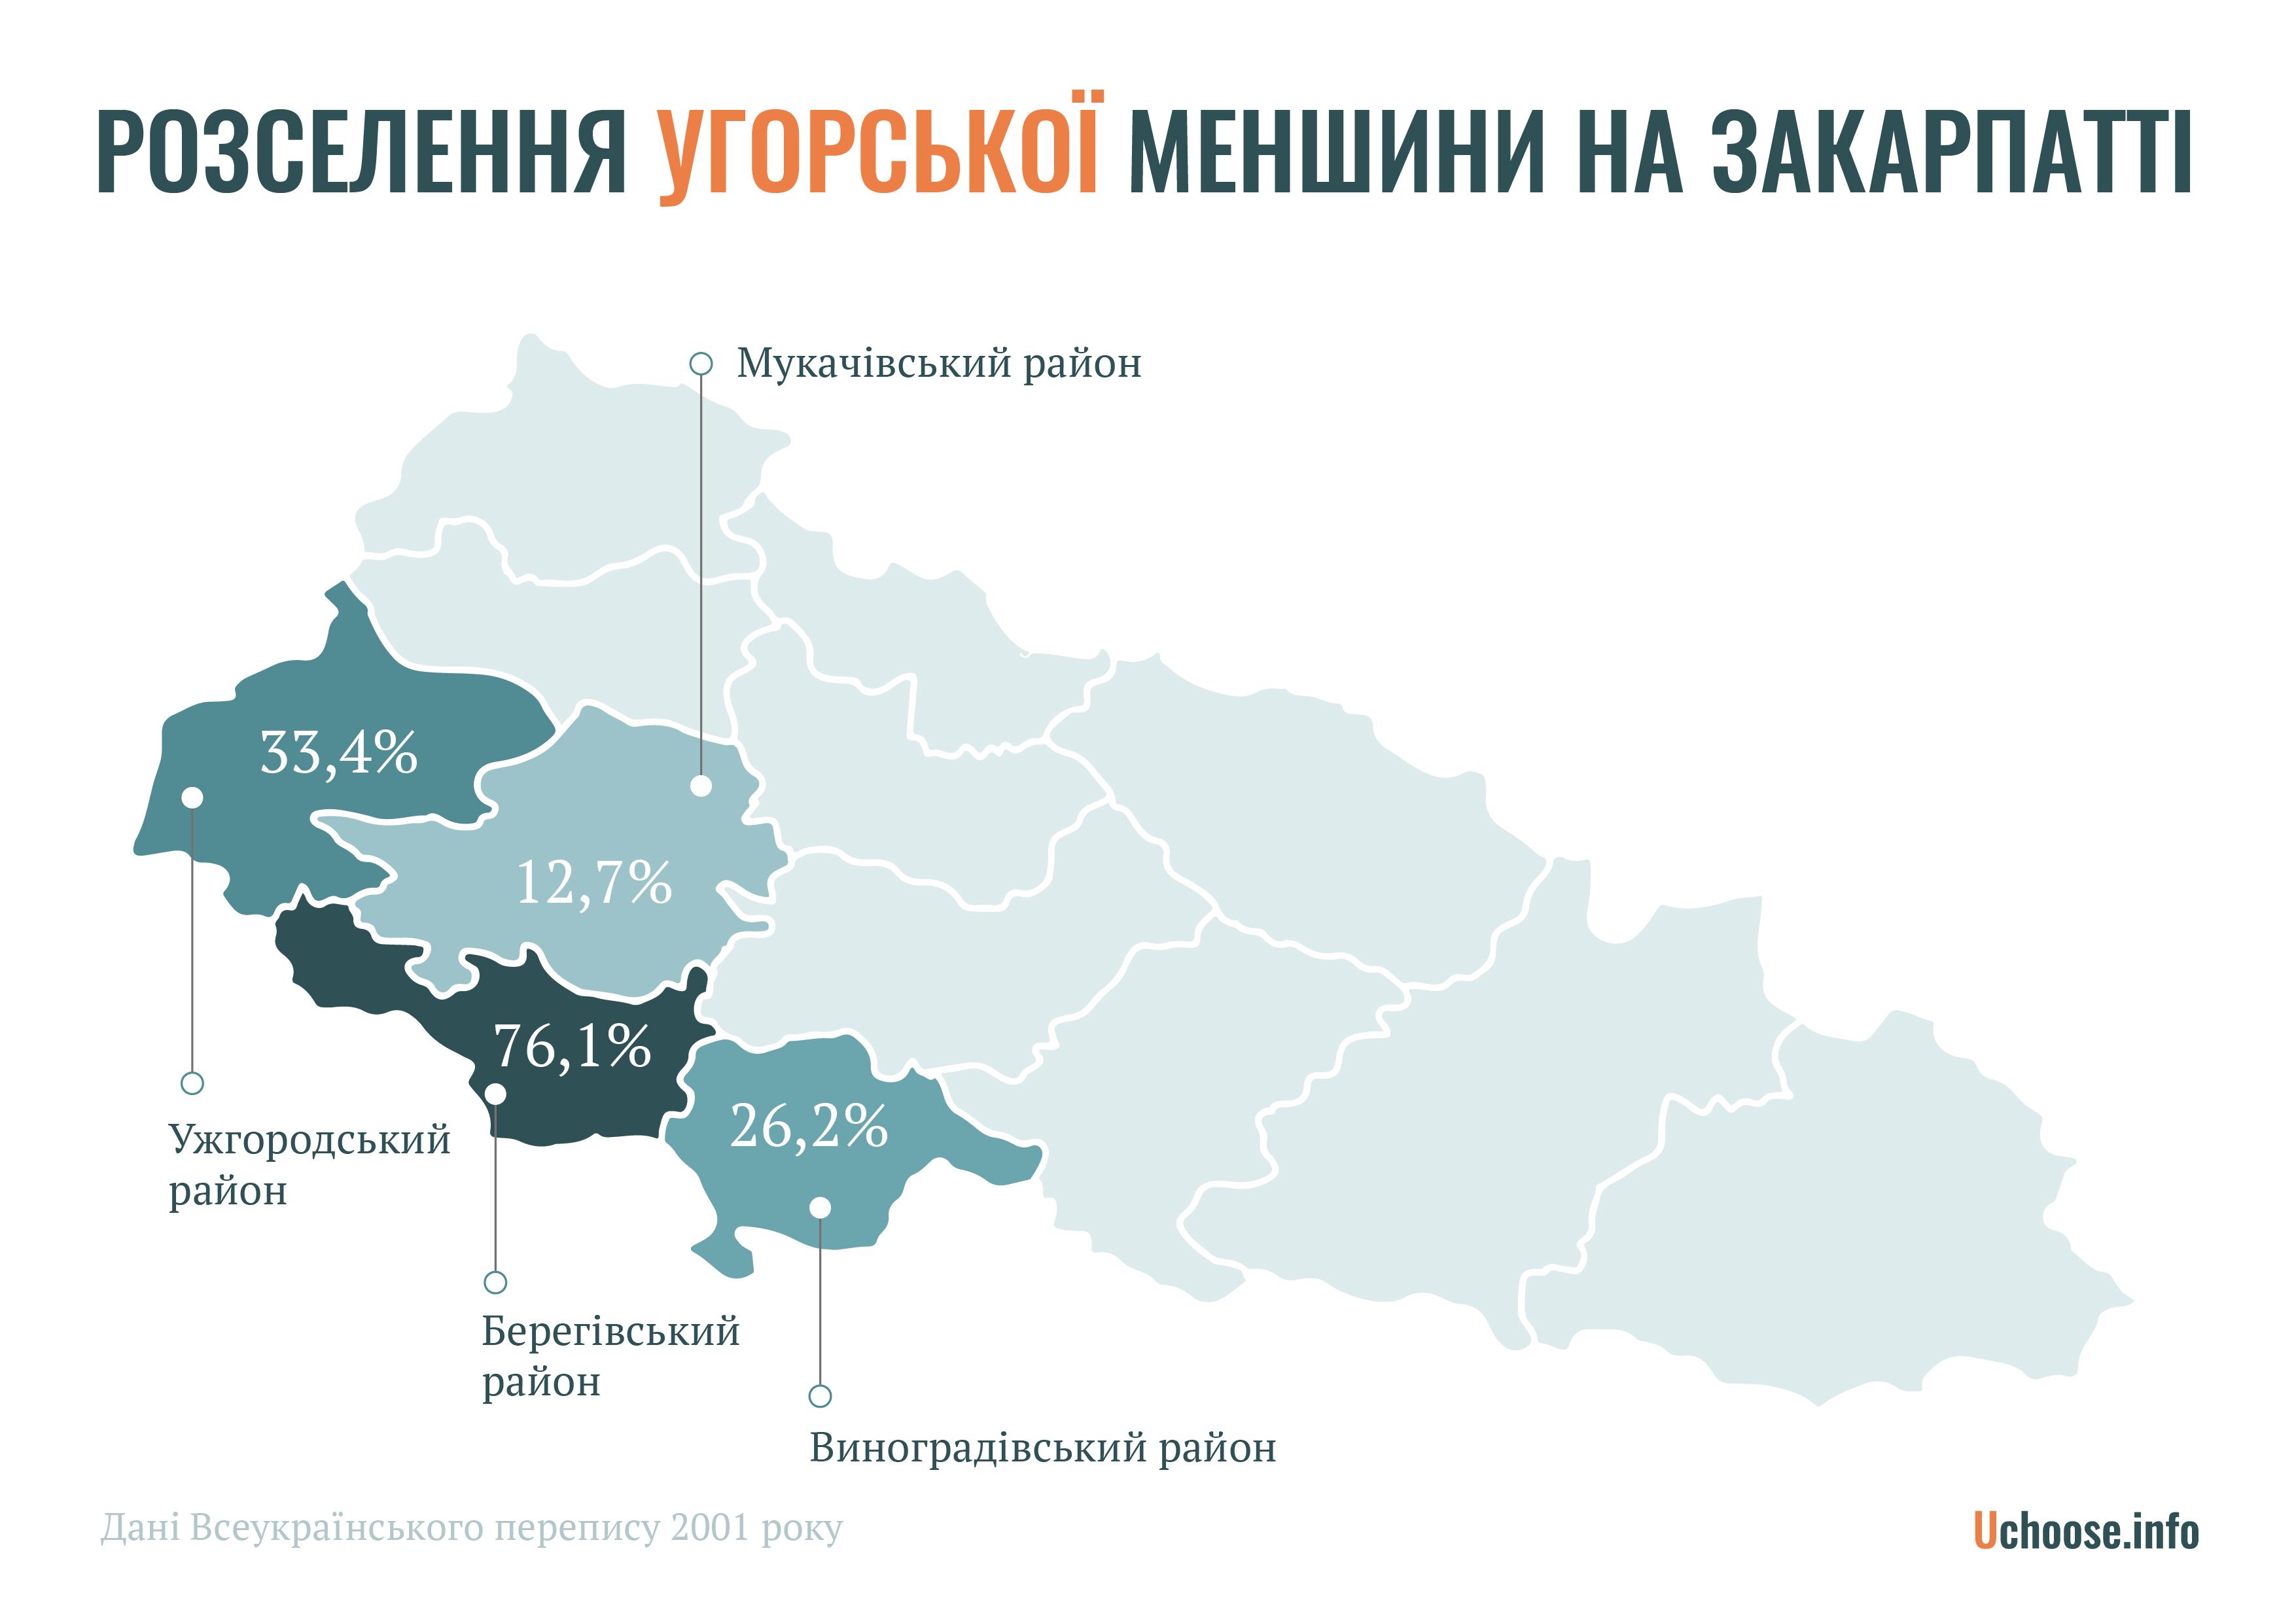 Розселення угорської меншини на Закарпатті